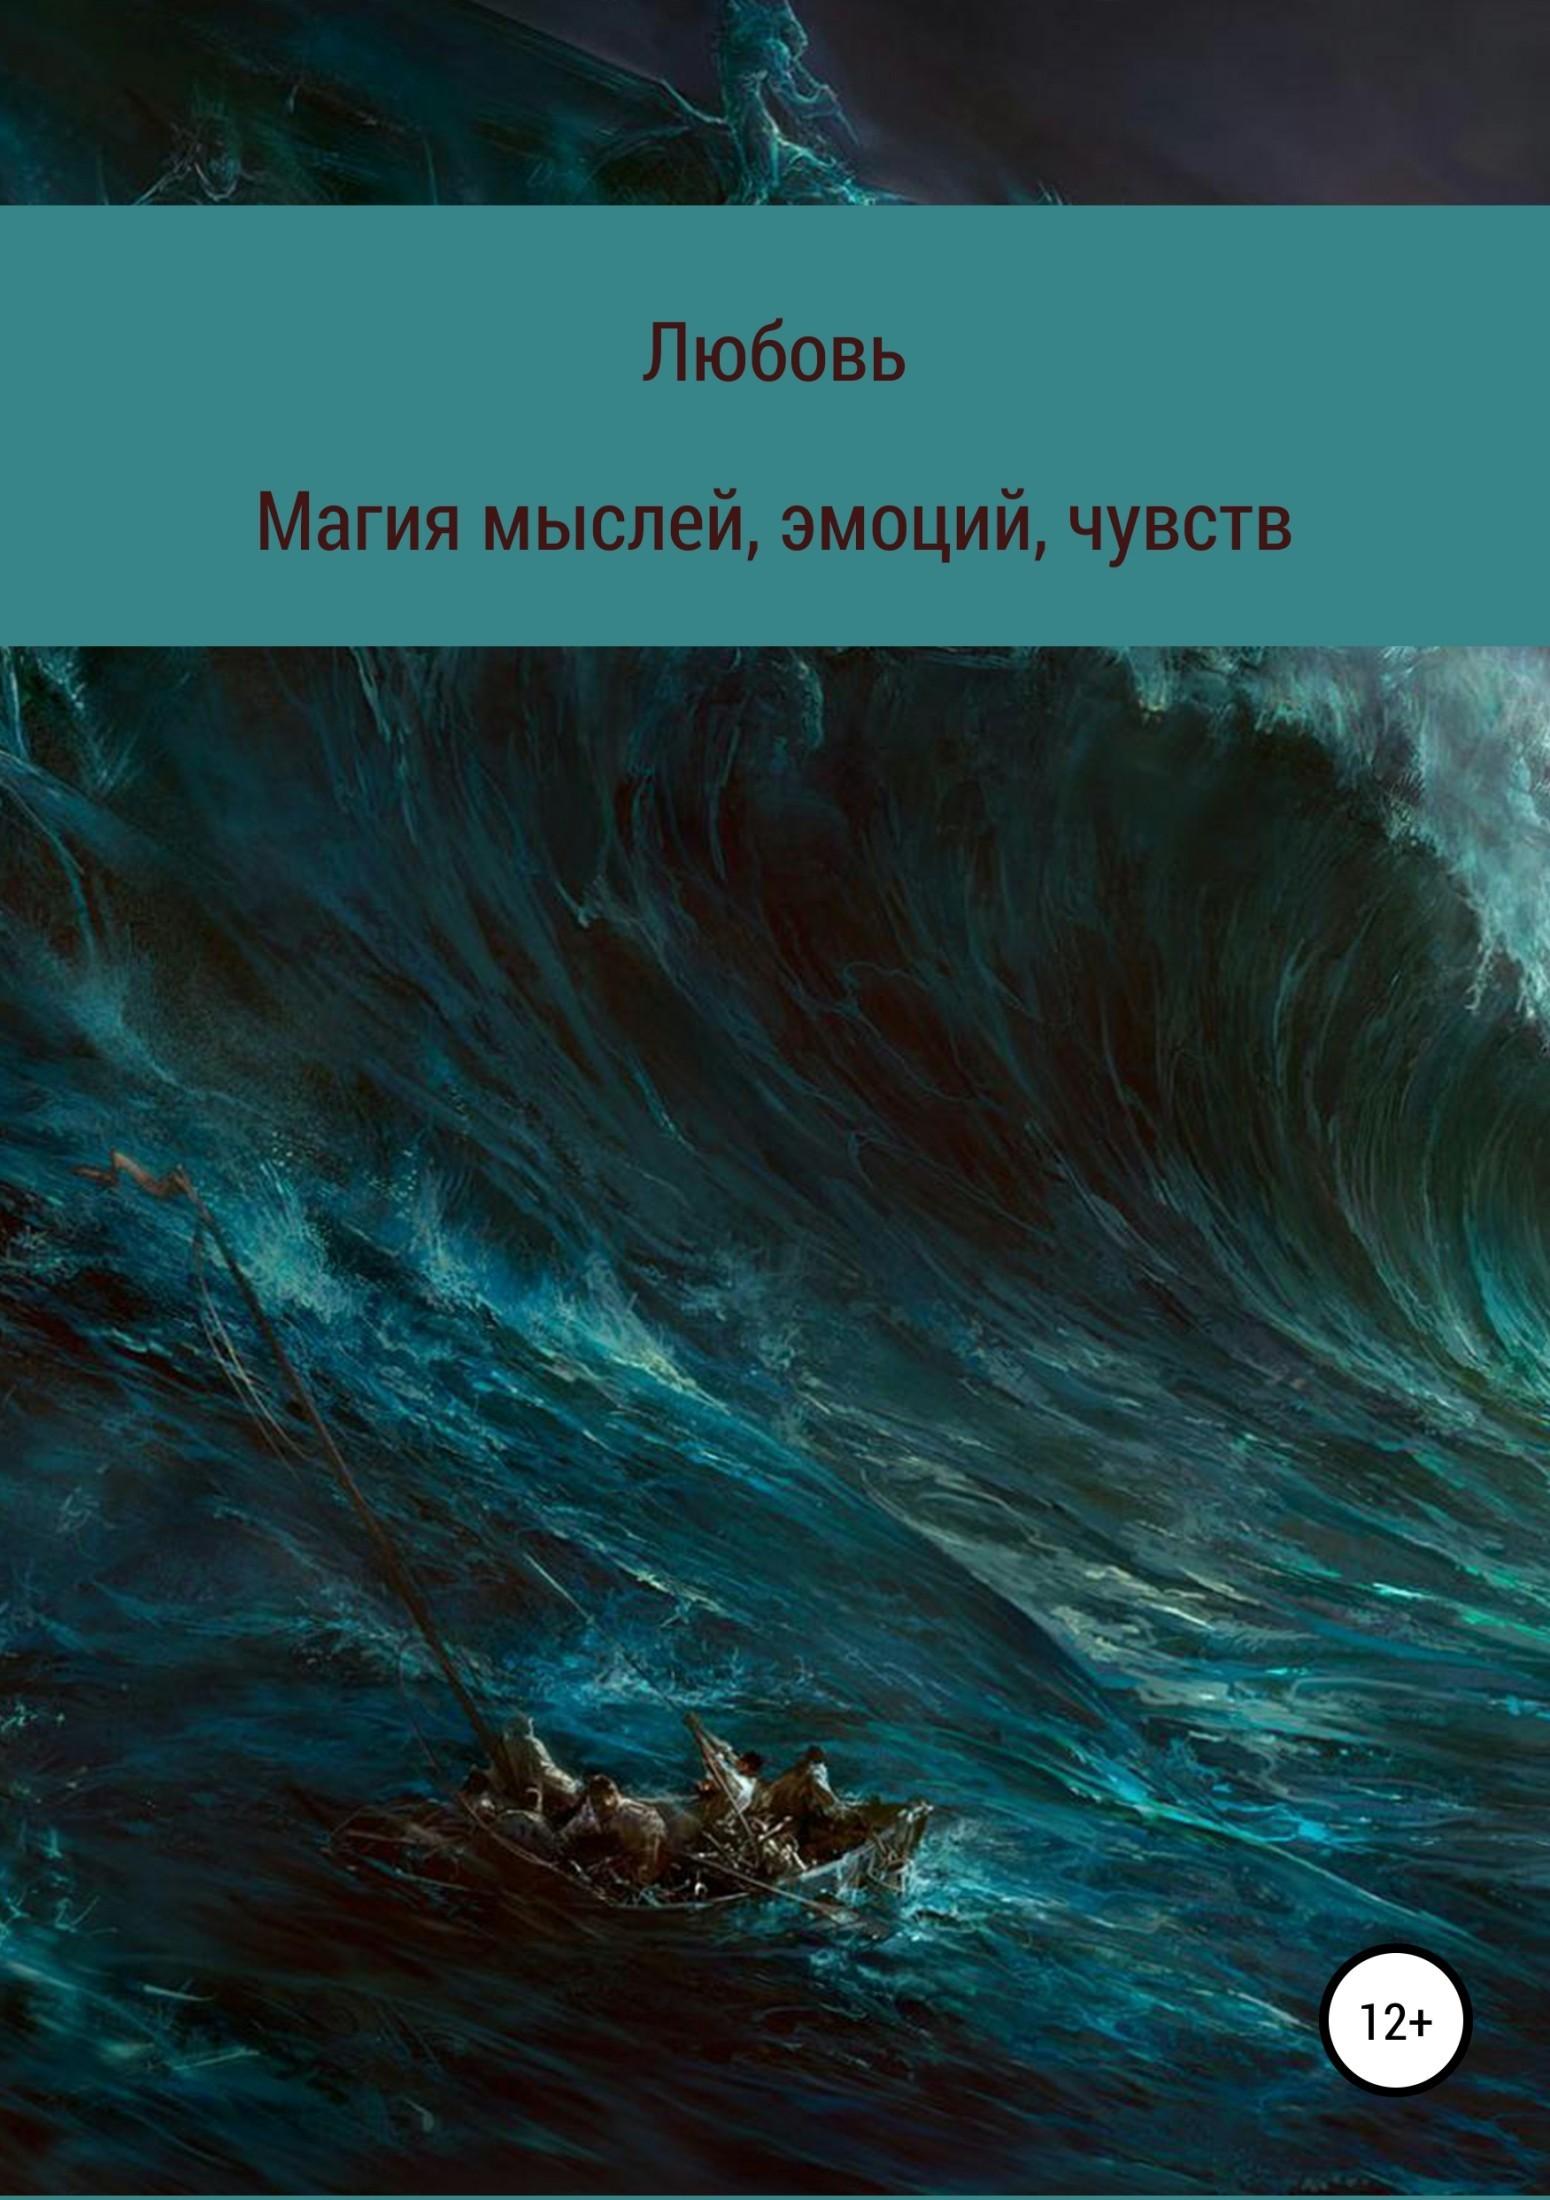 Любовь Евгеньевна Ютяева Магия мыслей, эмоций, чувств юлия александровна лаврова любовь – это… 50женских мыслей олюбви чувствамоей души исердца